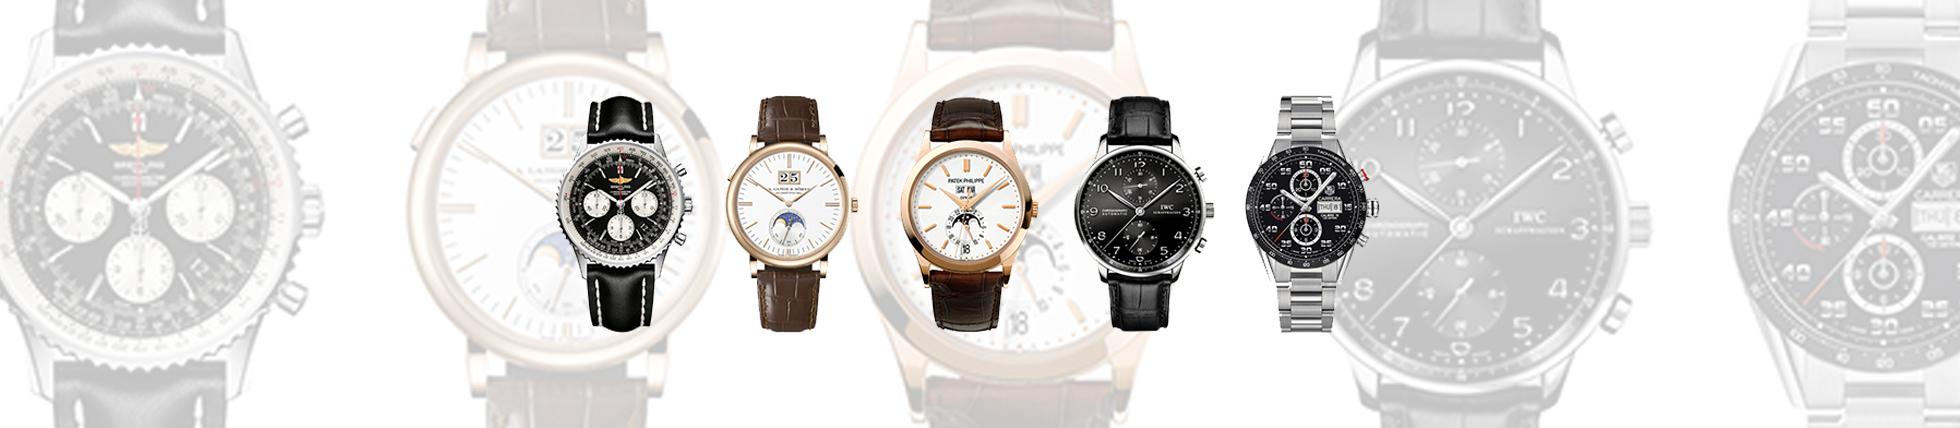 Uhrenmarken